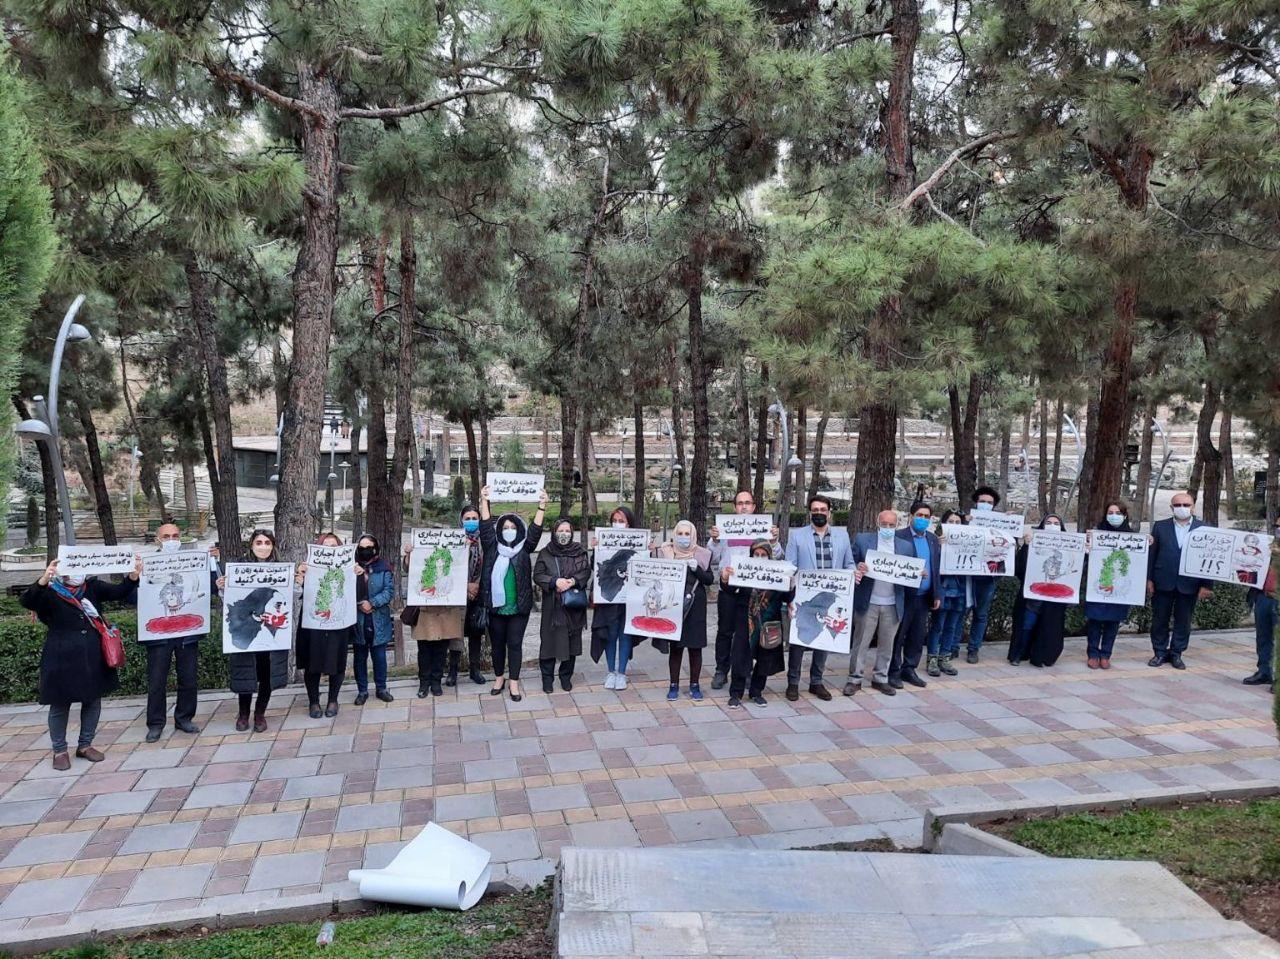 تجمع اعتراضی ۸ مارس با وجود شرایط امنیتی: خشونت و تبعیض علیه زنان را متوقف کنید